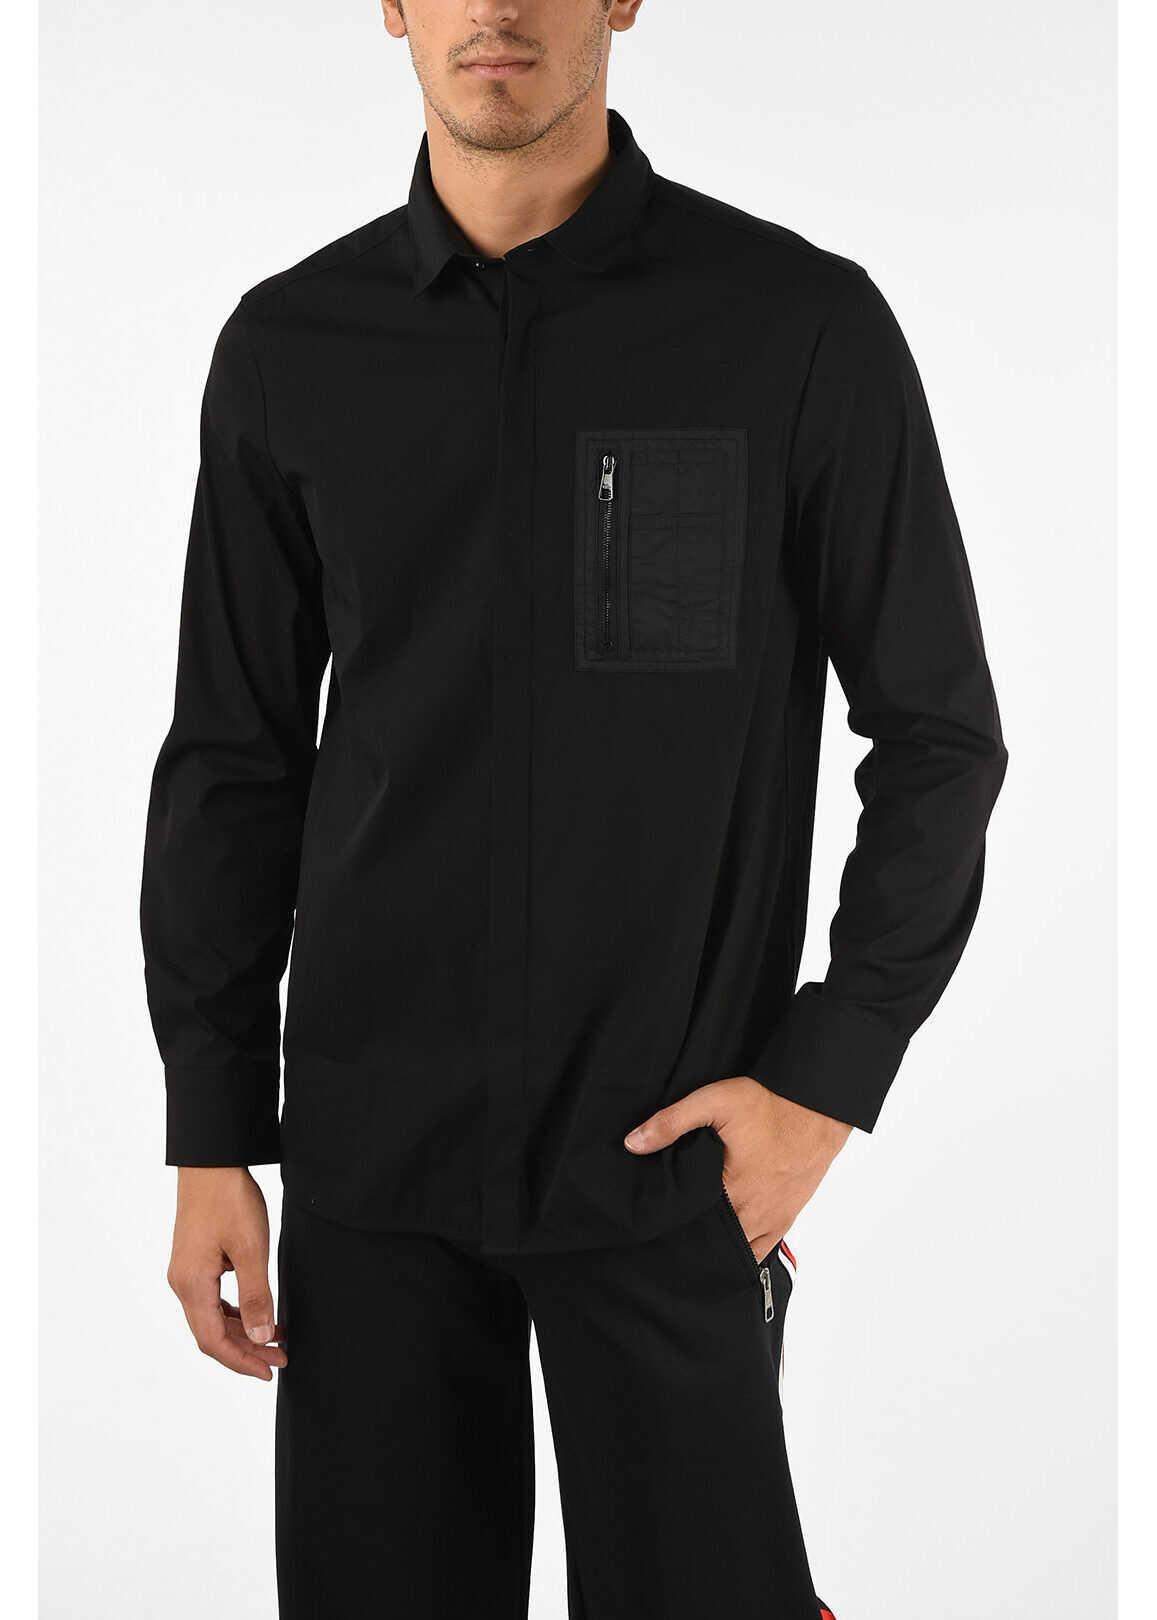 Neil Barrett Loose Fit Shirt with Hidden Buttons BLACK imagine